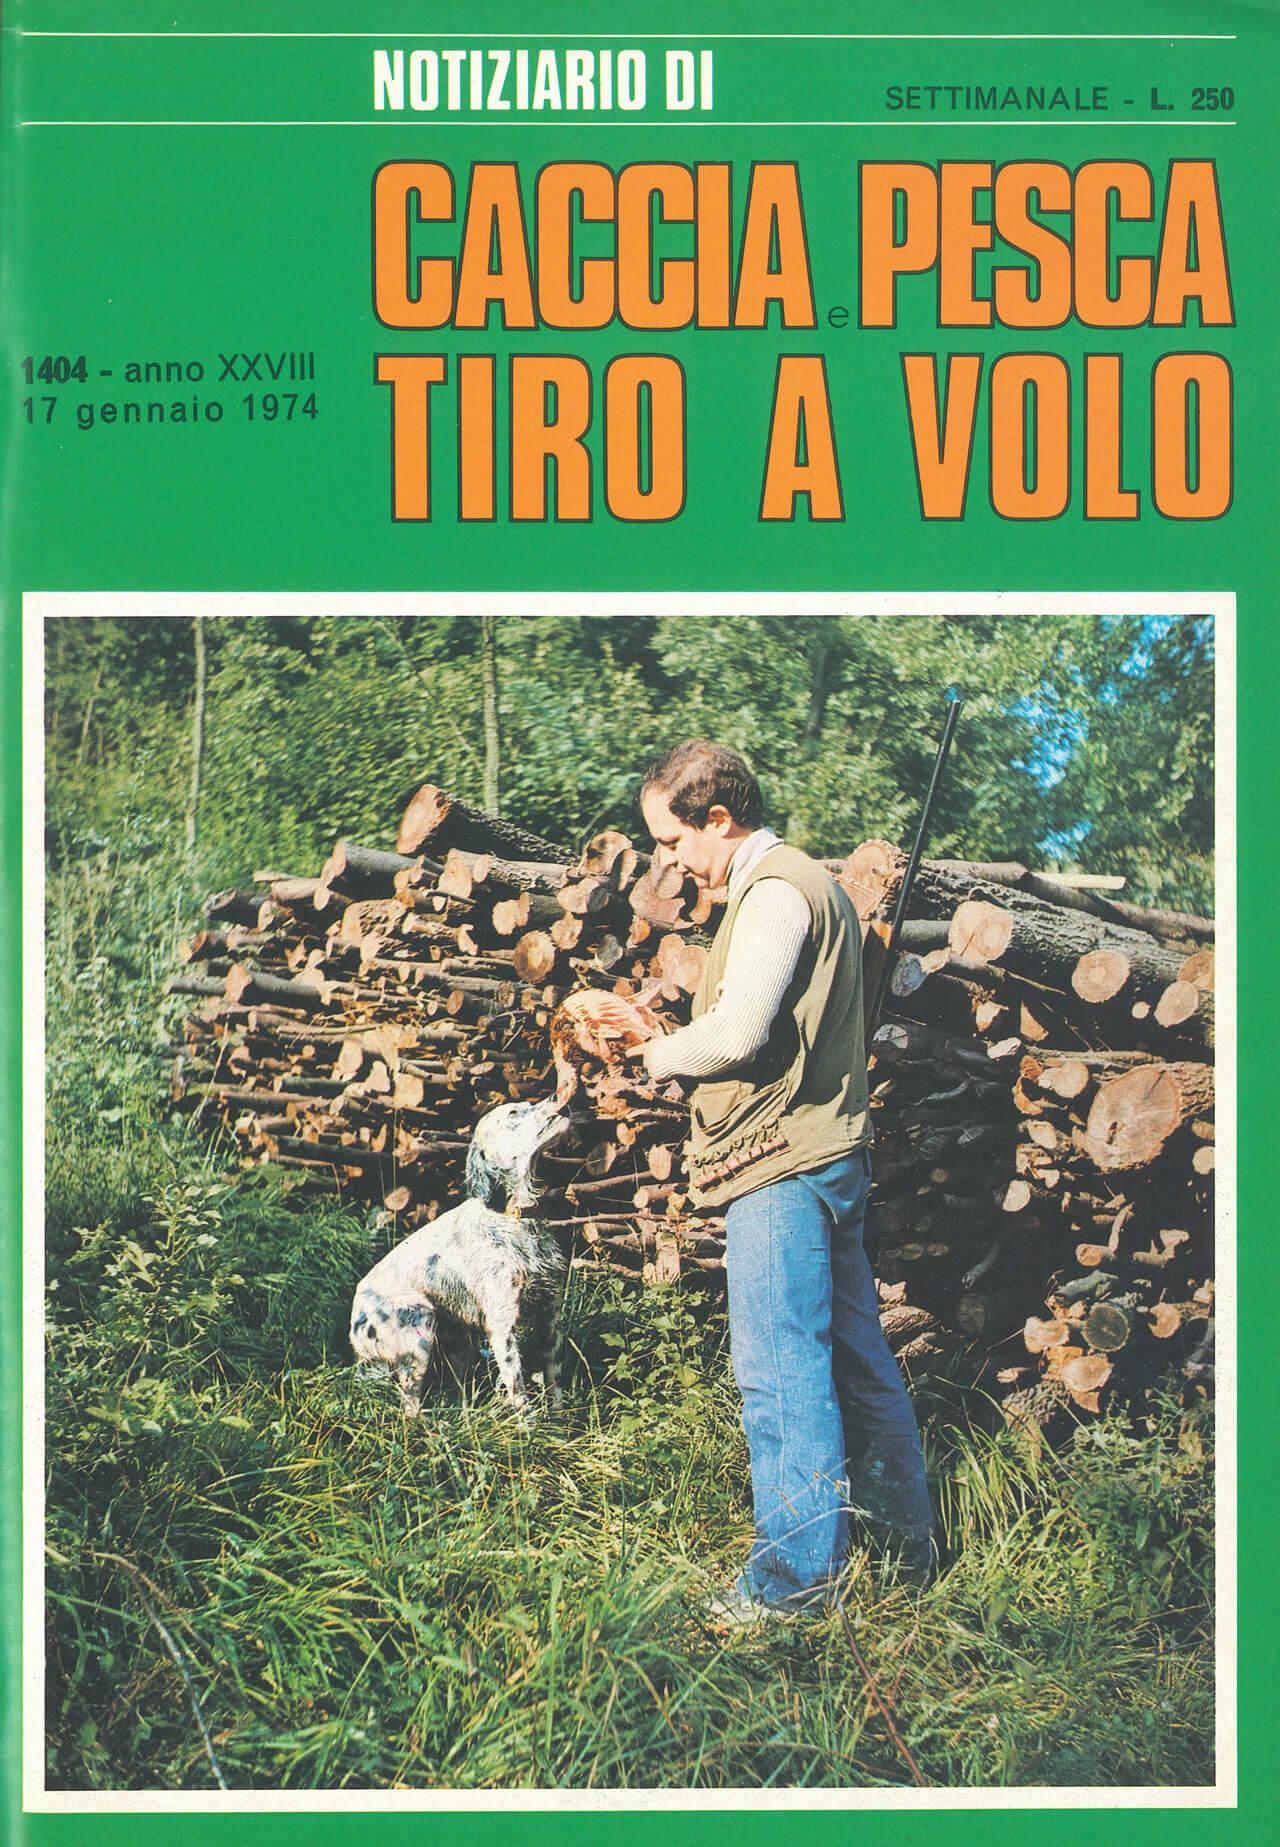 1974 Caccia e Pesca Tiro a Volo numero 1404